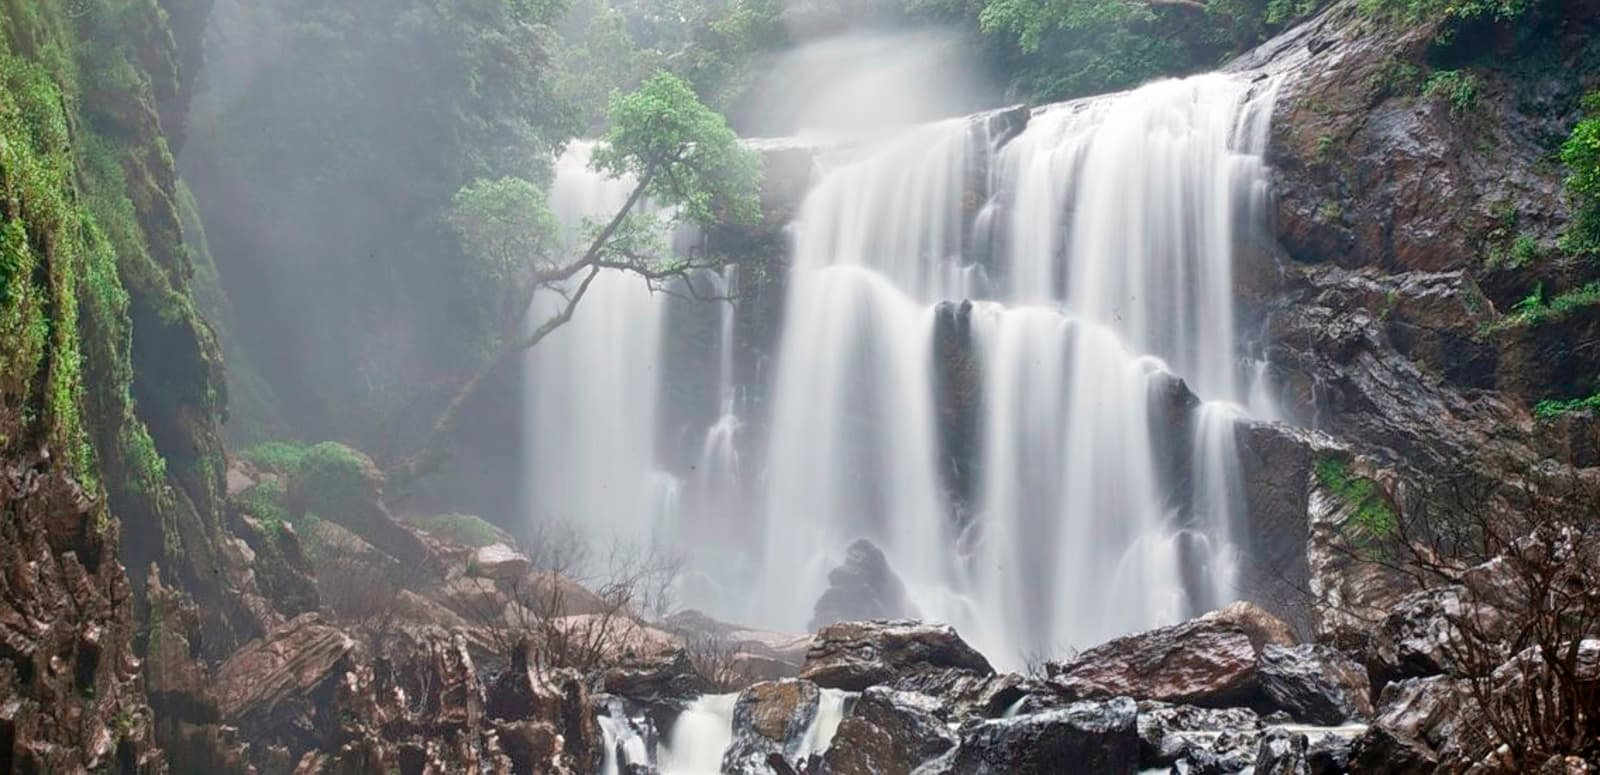 karnataka tourist places a detailed guide